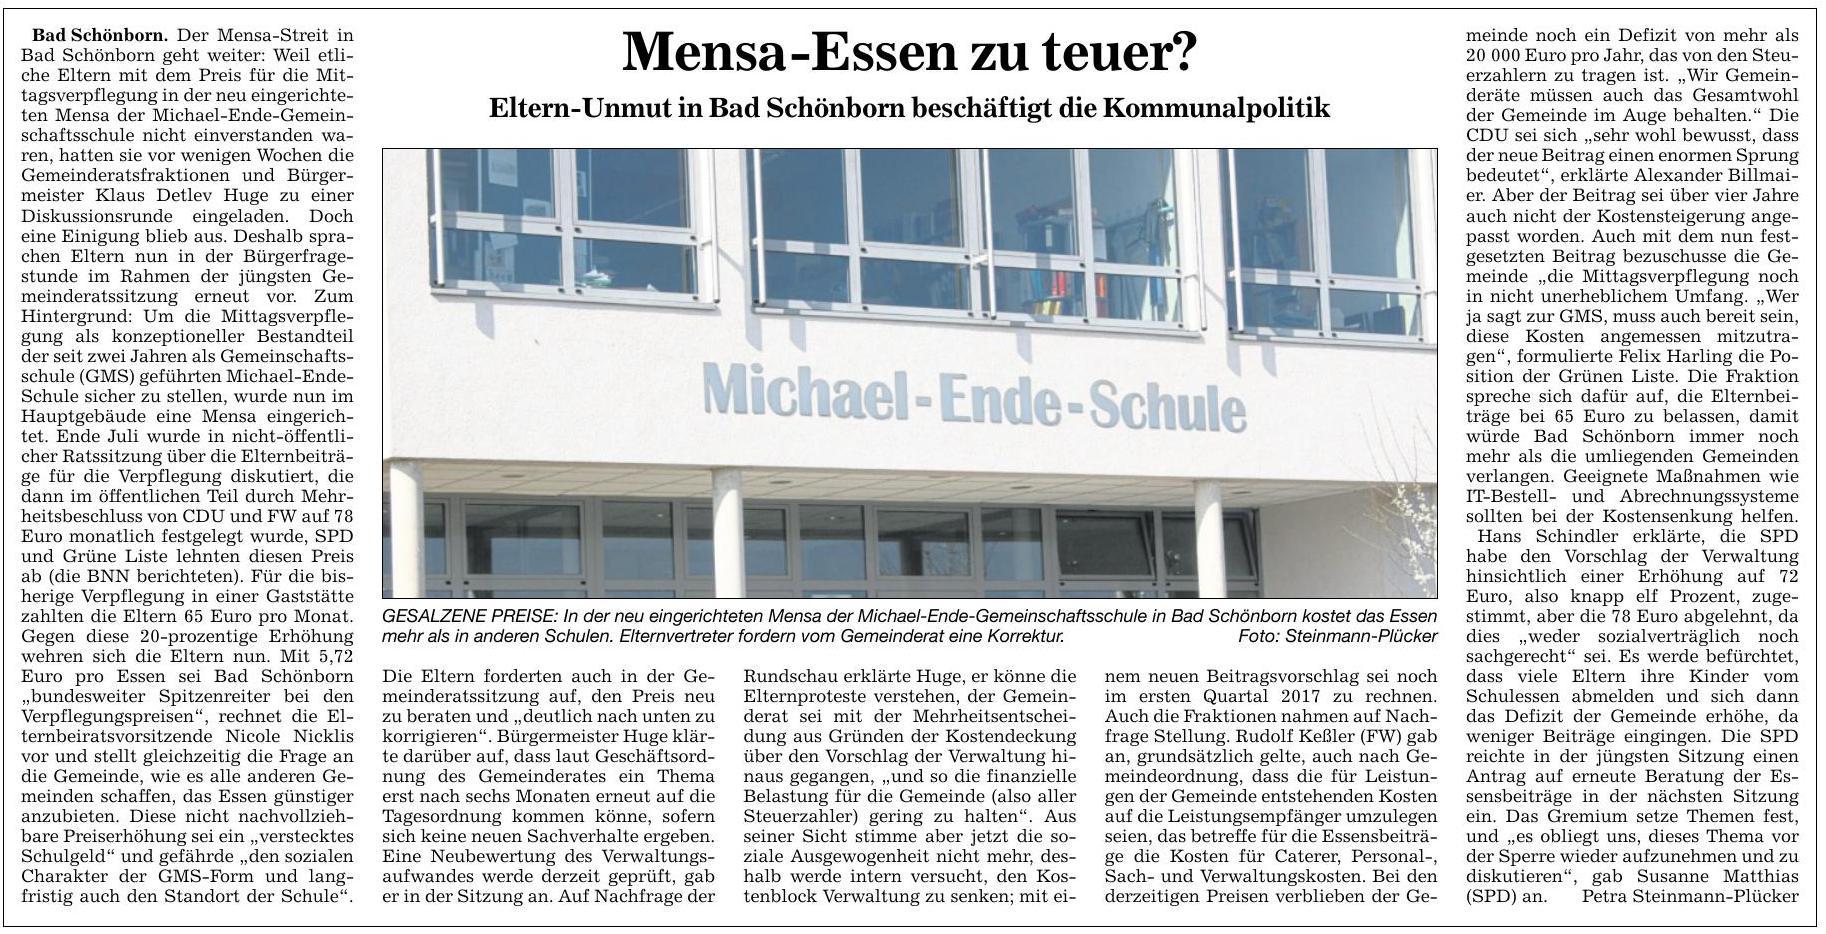 BNN Bruchsaler Rundschau 22.10.2016 Mensa-Essen zu teuer?